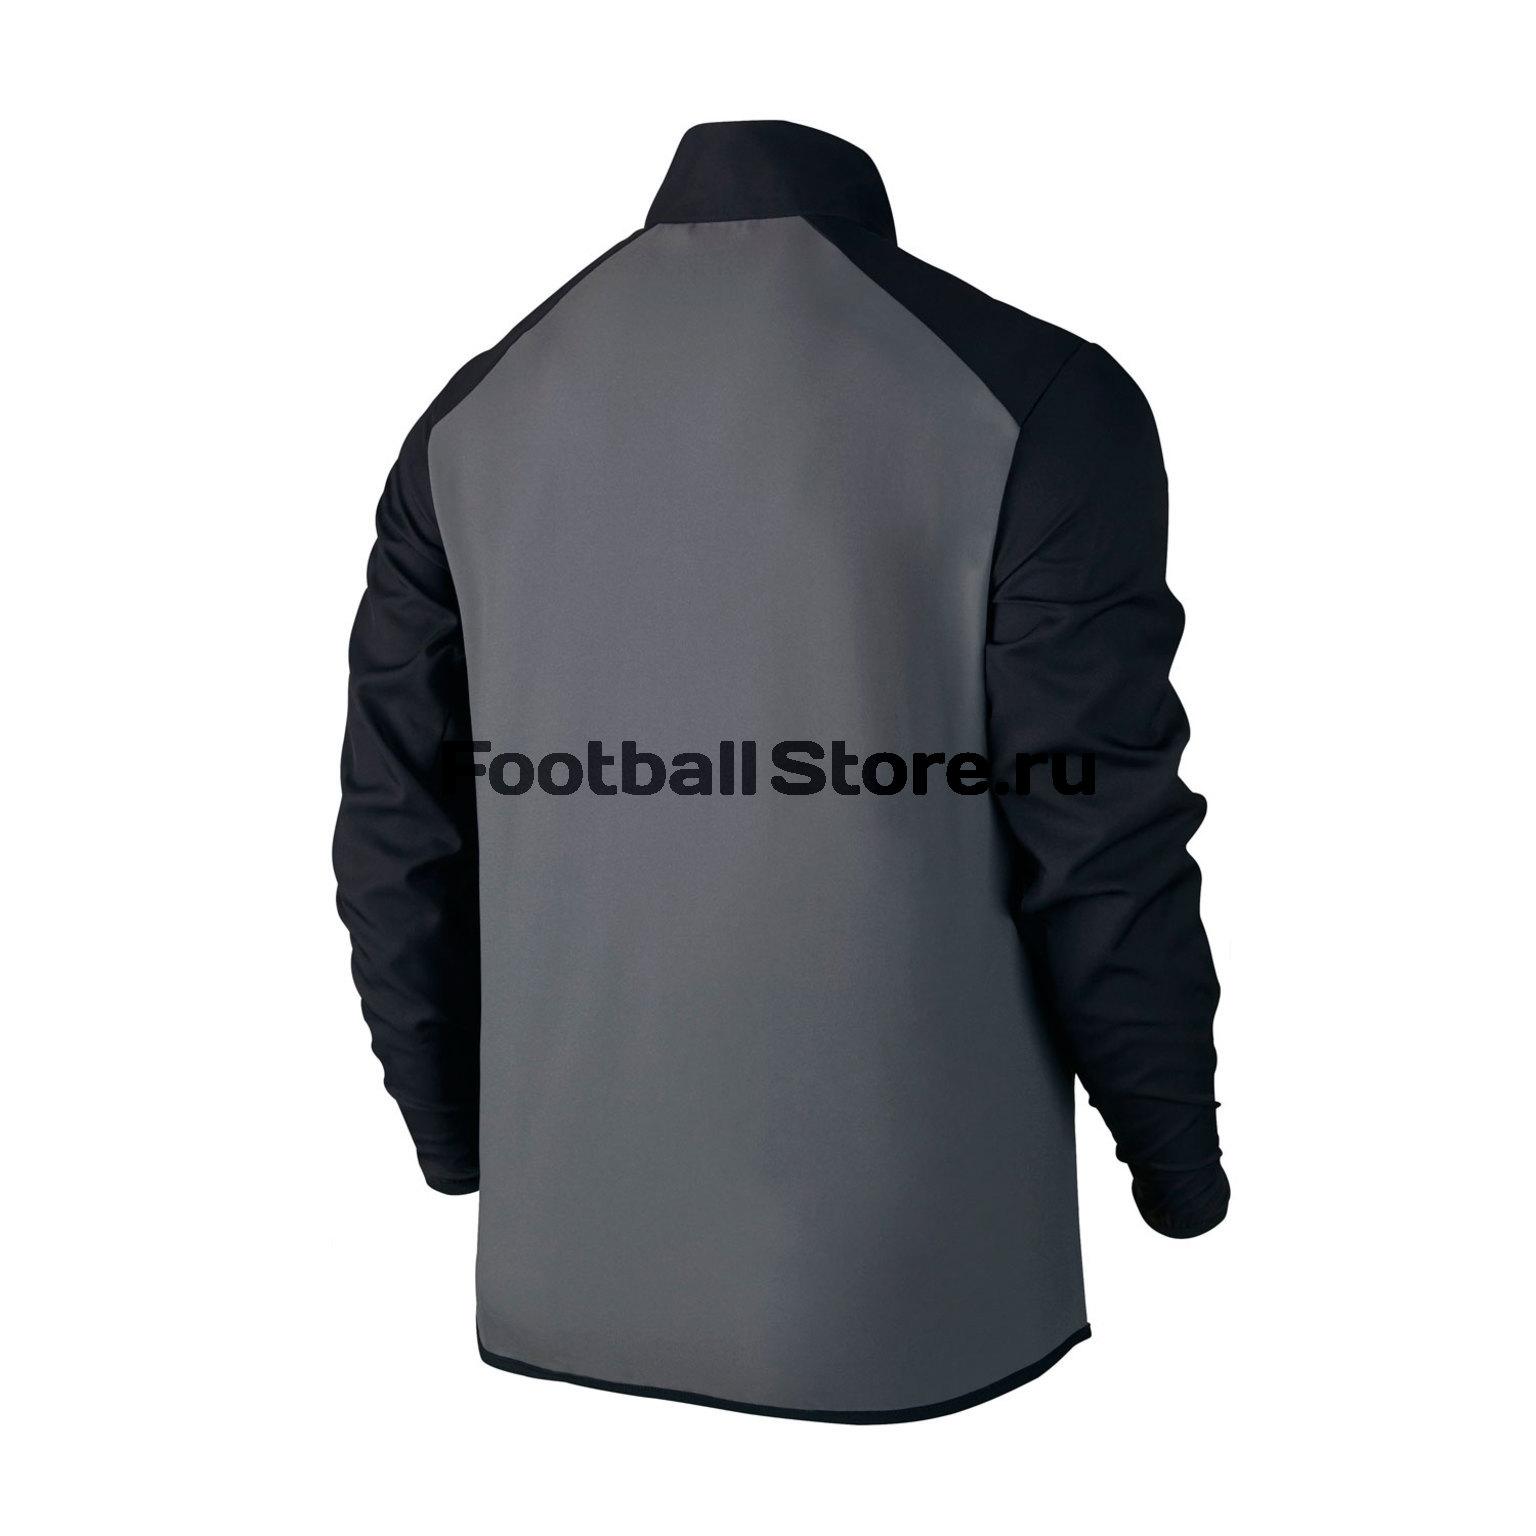 493c6c30 Куртка Nike Dry Team Woven 800199-021 – купить в интернет магазине ...